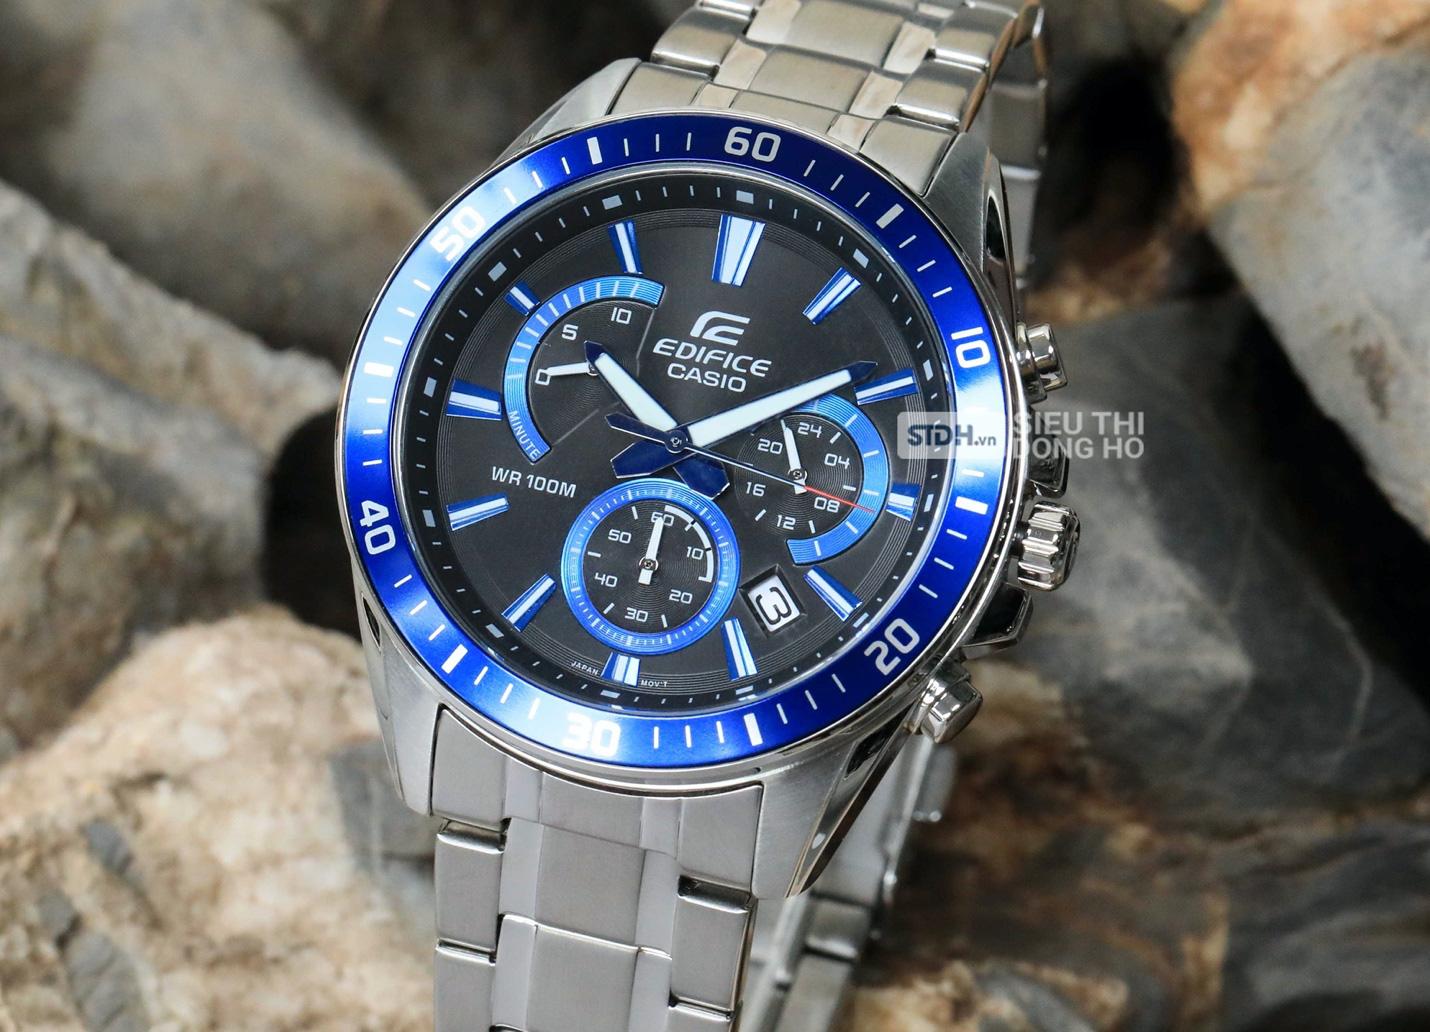 Khuyến mãi lớn chưa từng có mừng sinh nhật Đăng Quang Watch, giảm ngay 40% đồng hồ chính hãng - Ảnh 2.